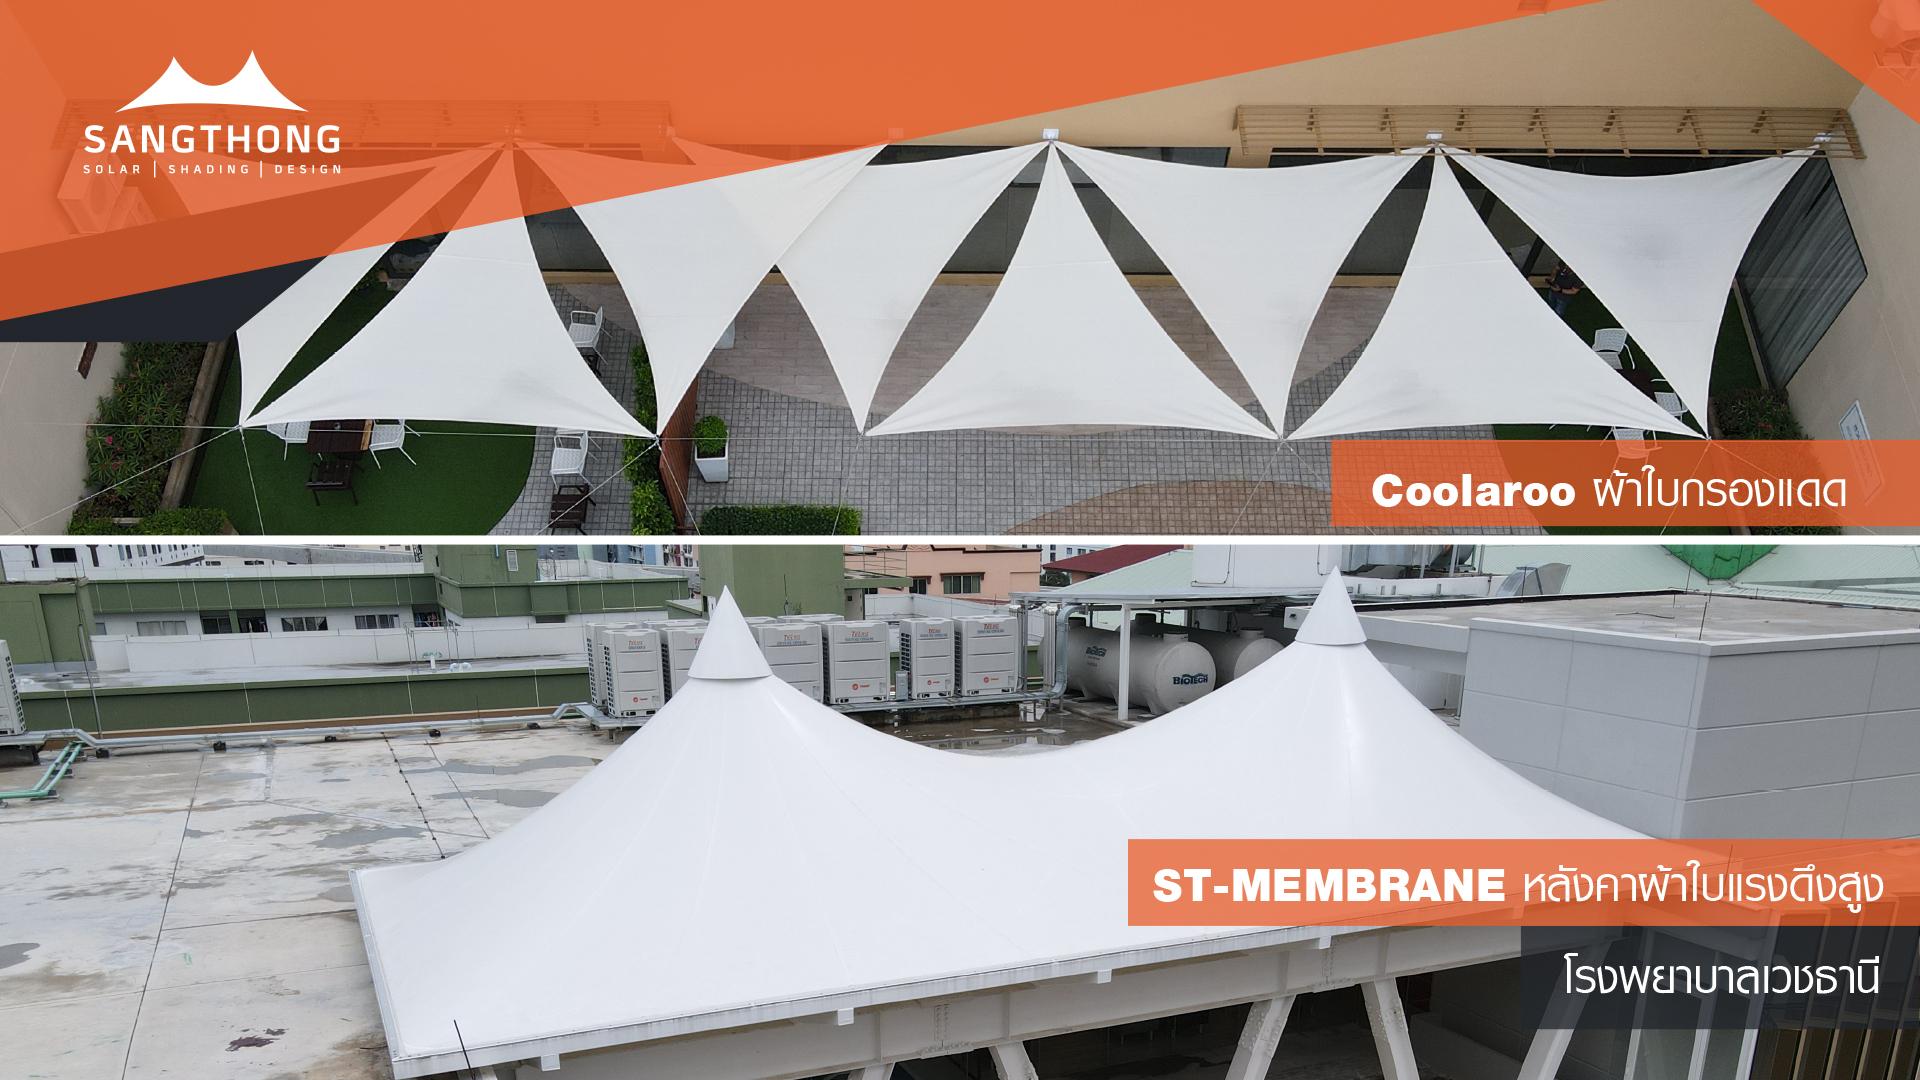 Review – ST-MEMBRANE หลังคาผ้าใบแรงดึงสูง & Coolaroo ผ้าใบกรองแดด @โรงพยาบาลเวชธานี